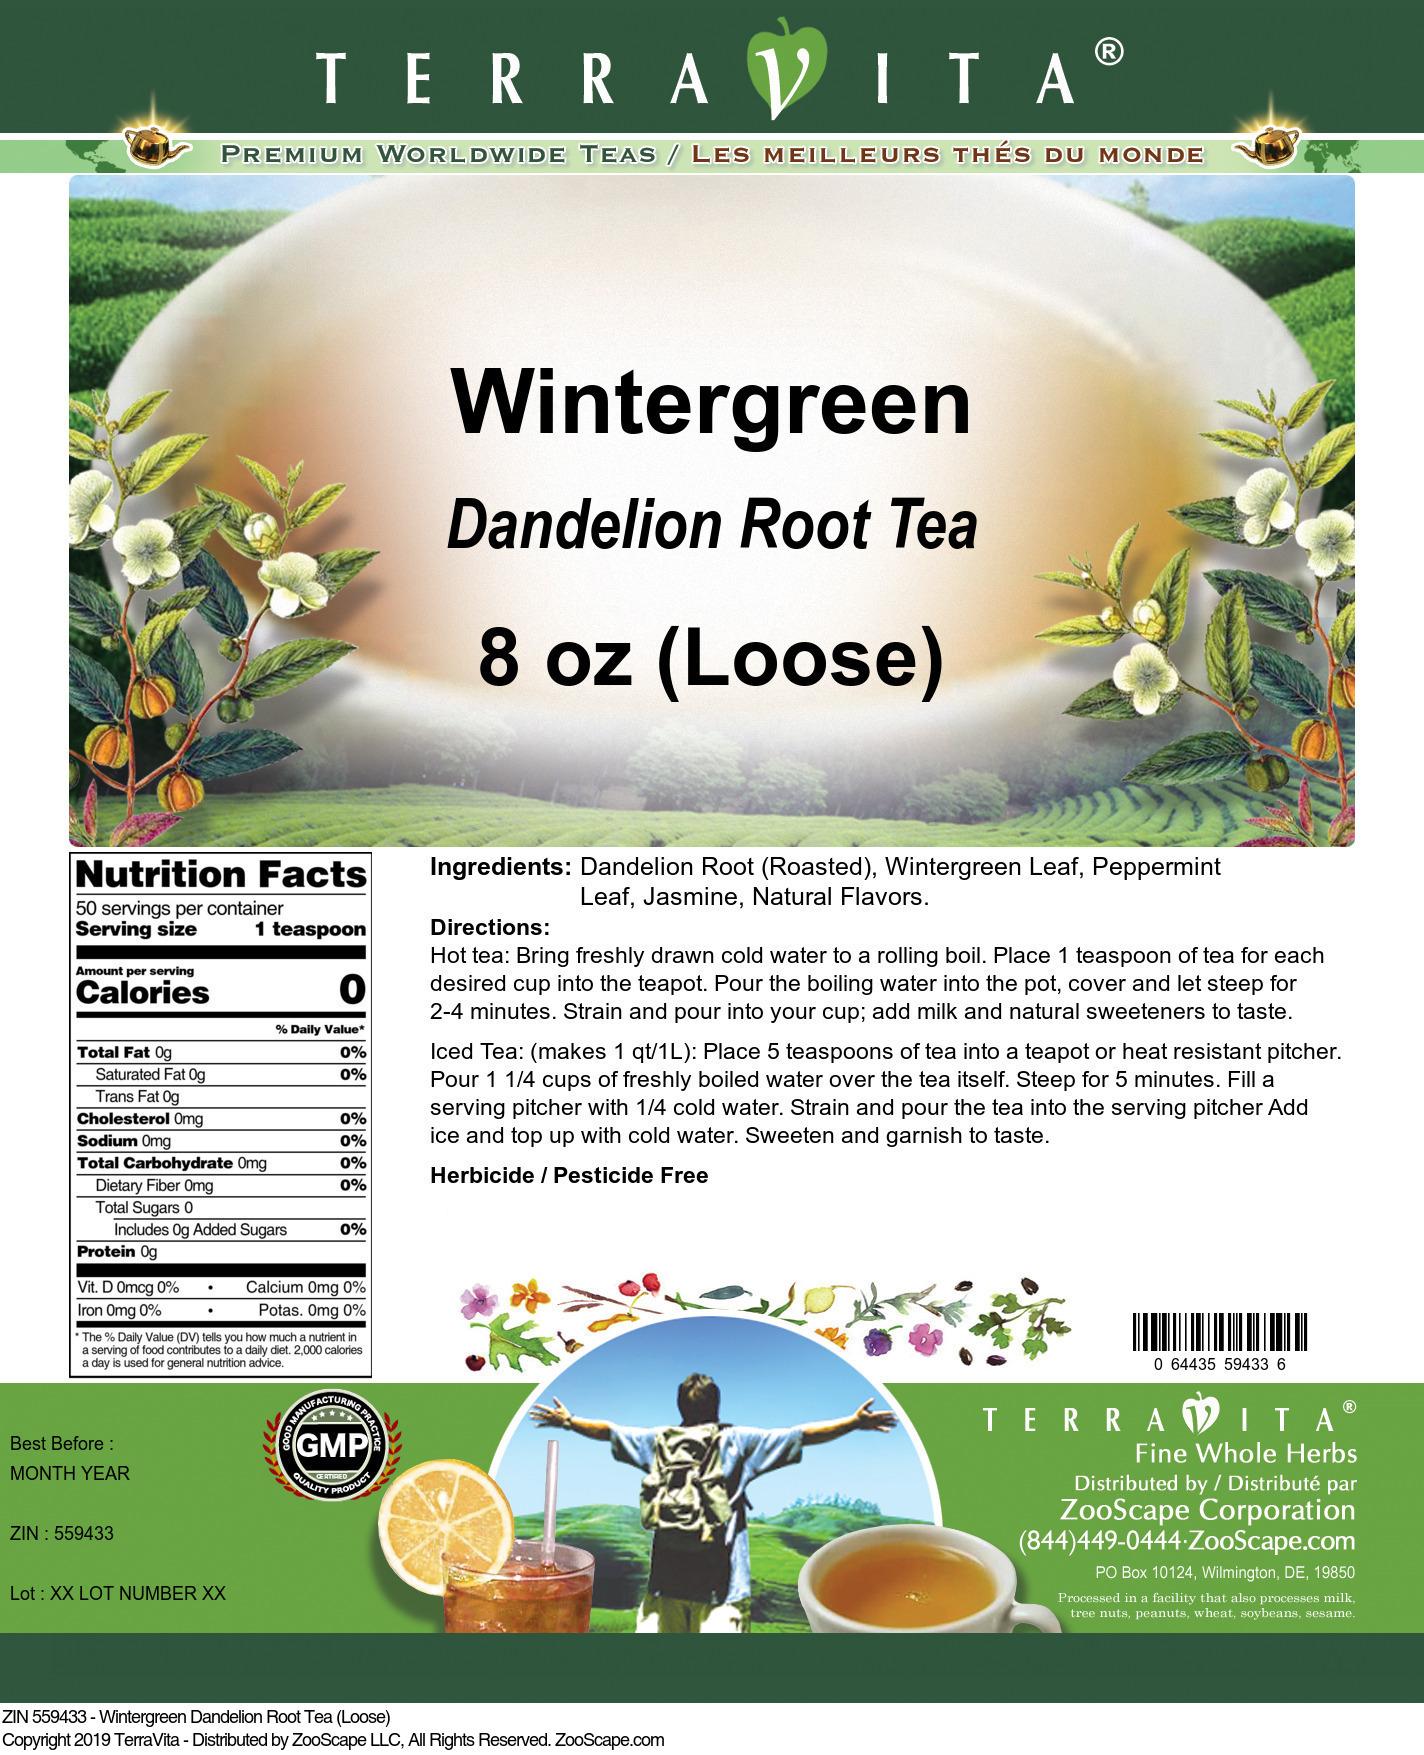 Wintergreen Dandelion Root